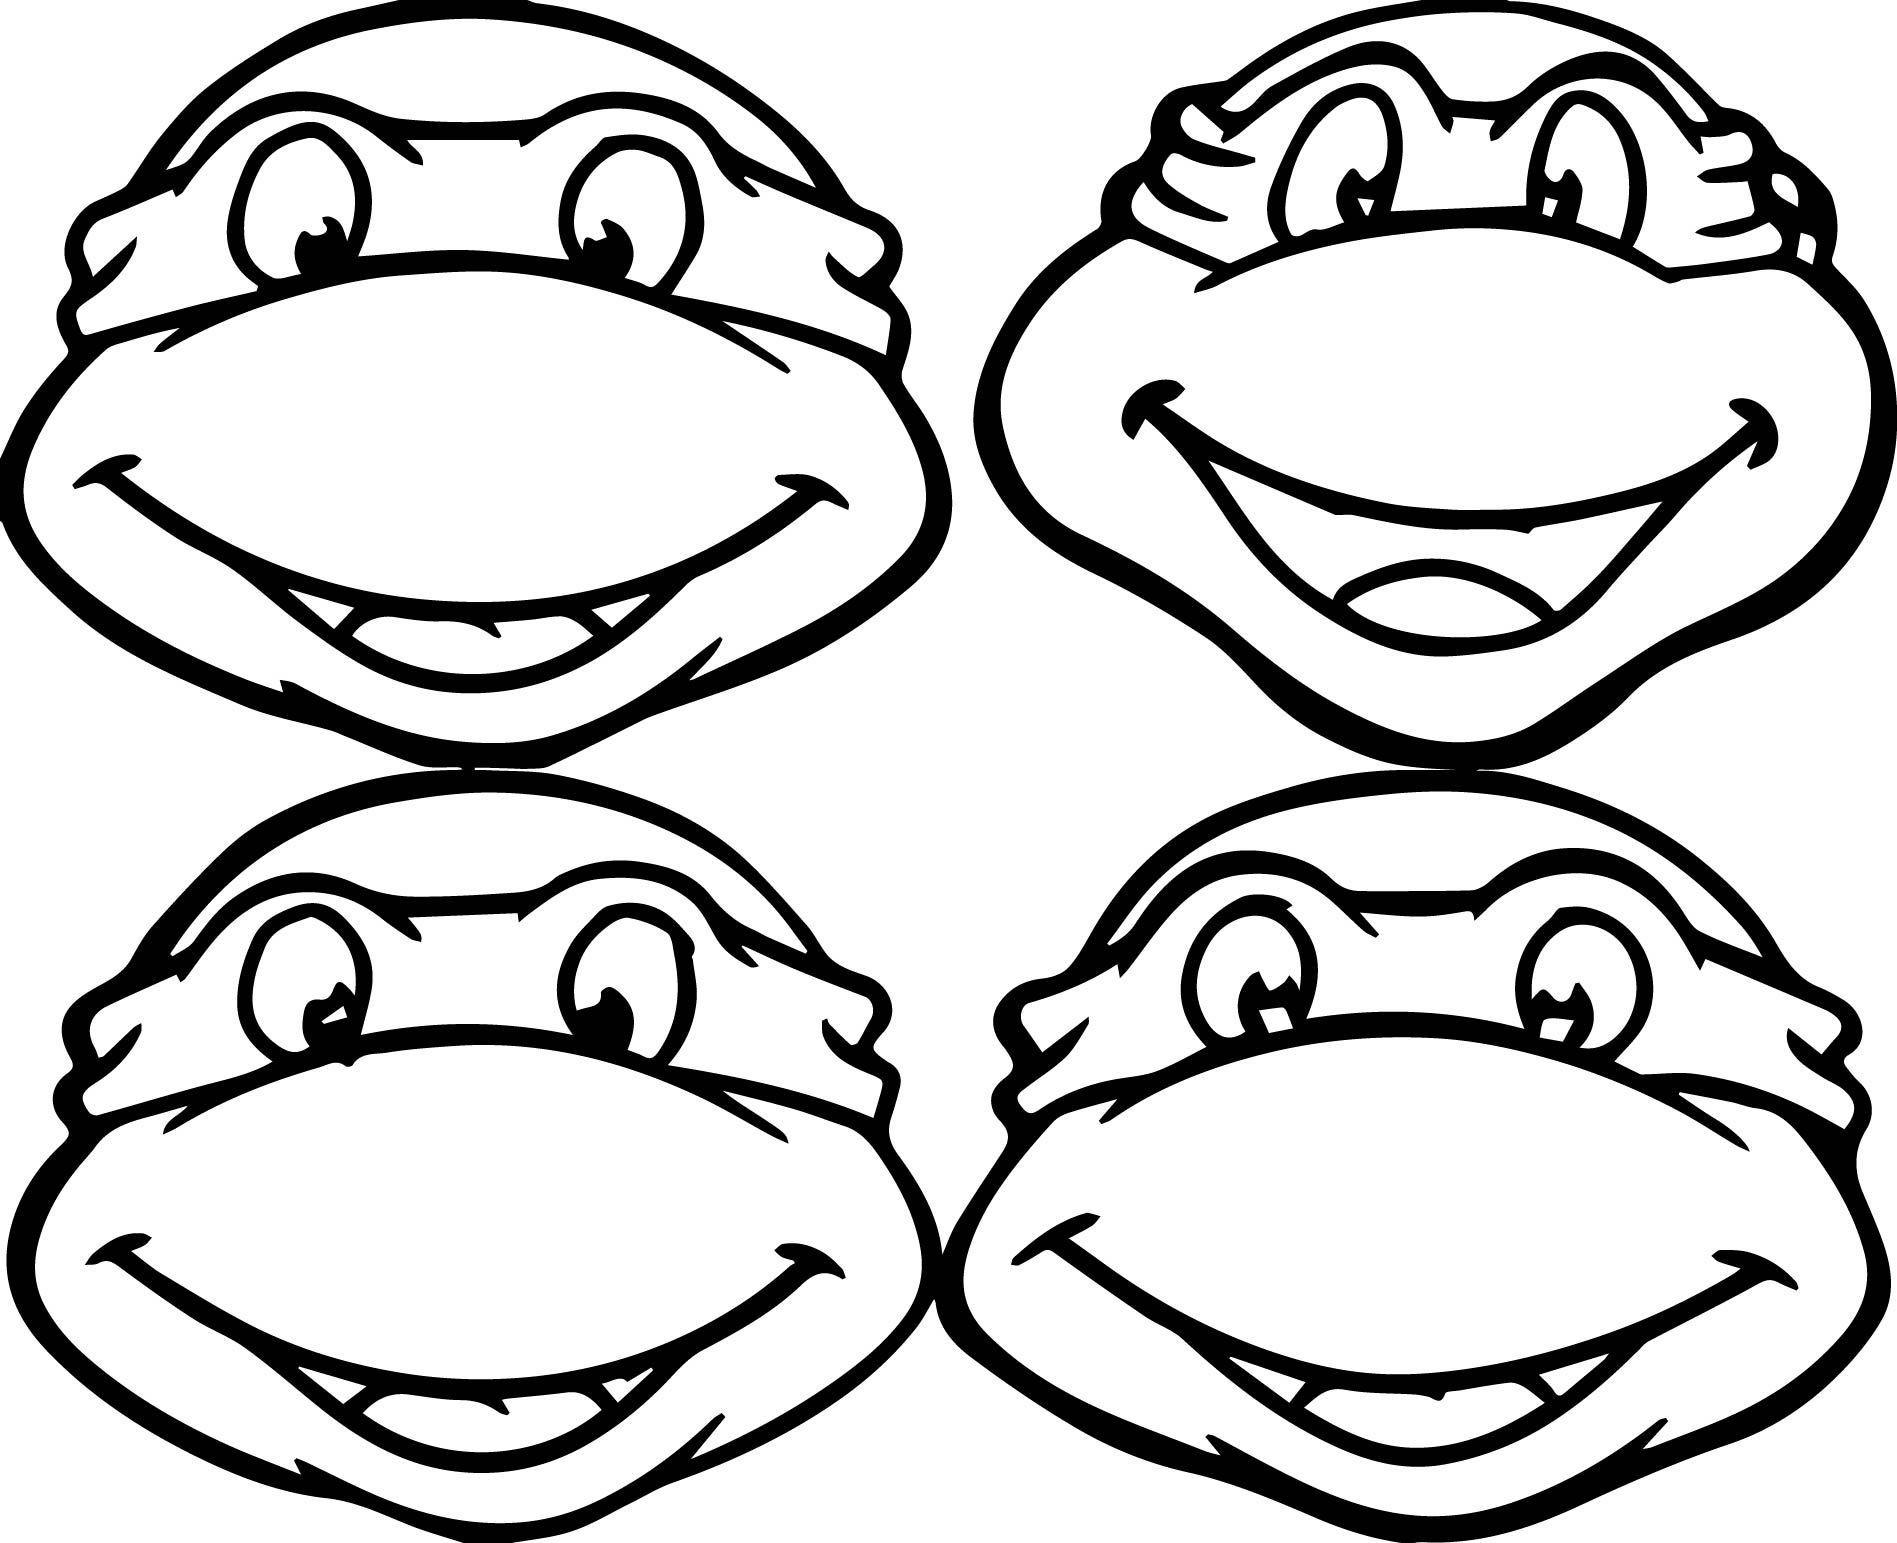 Teenage Mutant Ninja Turtle Coloring Pages  Teenage Mutant Ninja Turtles Coloring Pages Best